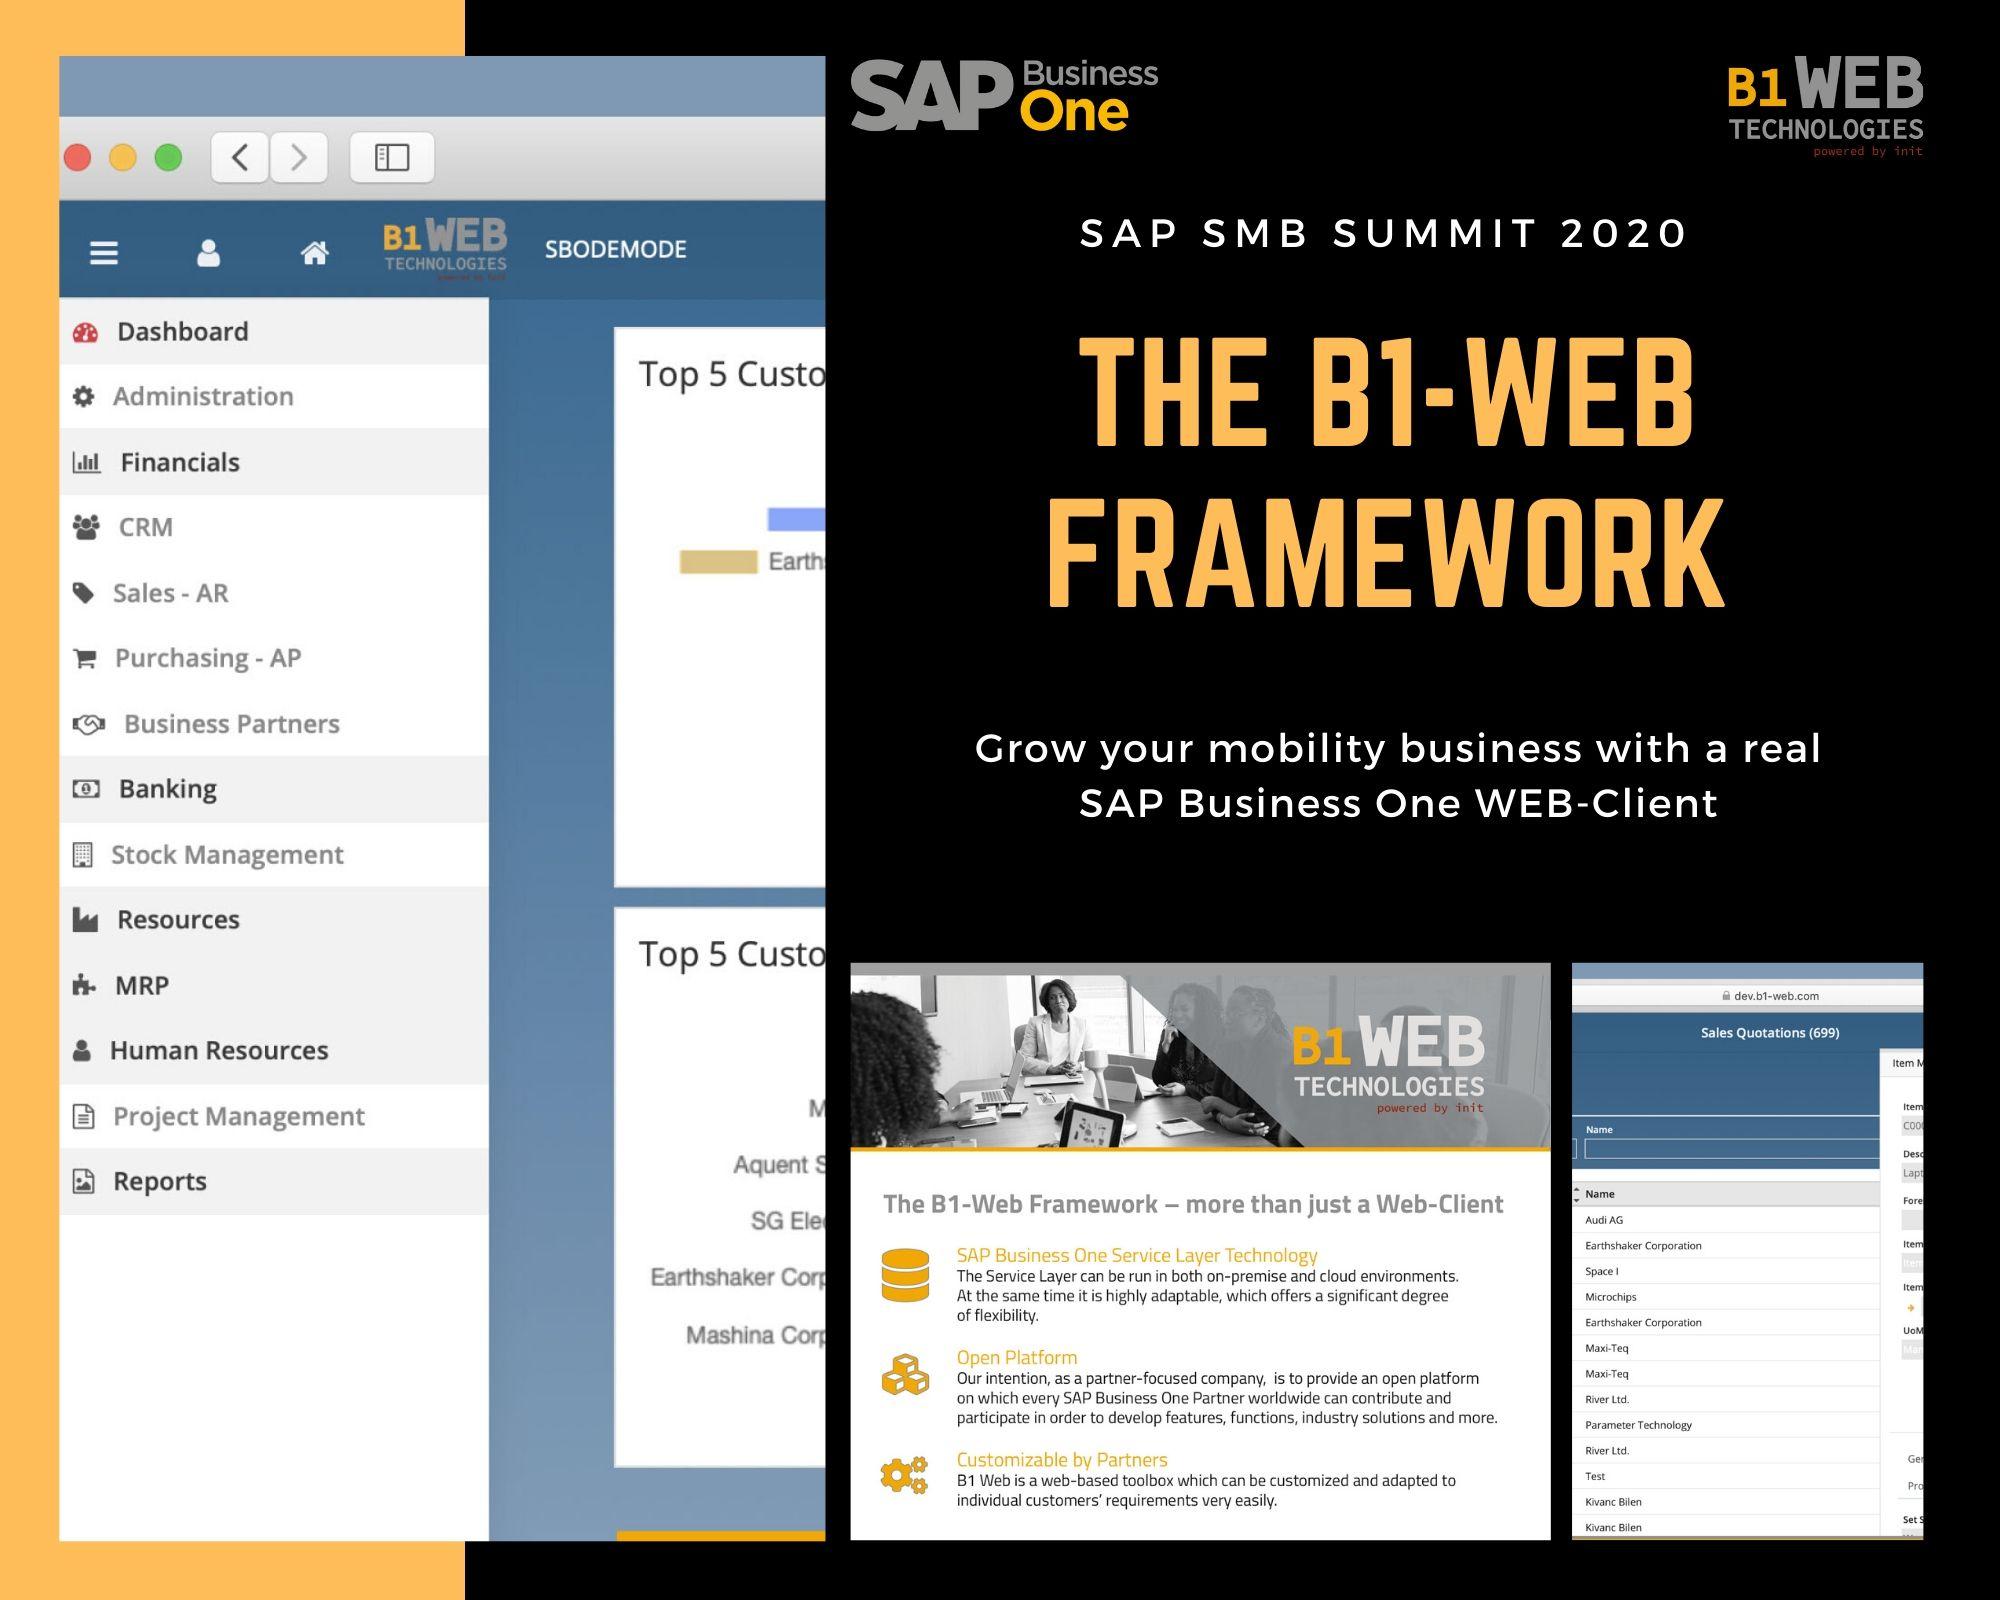 SAP Business One WEB-Client